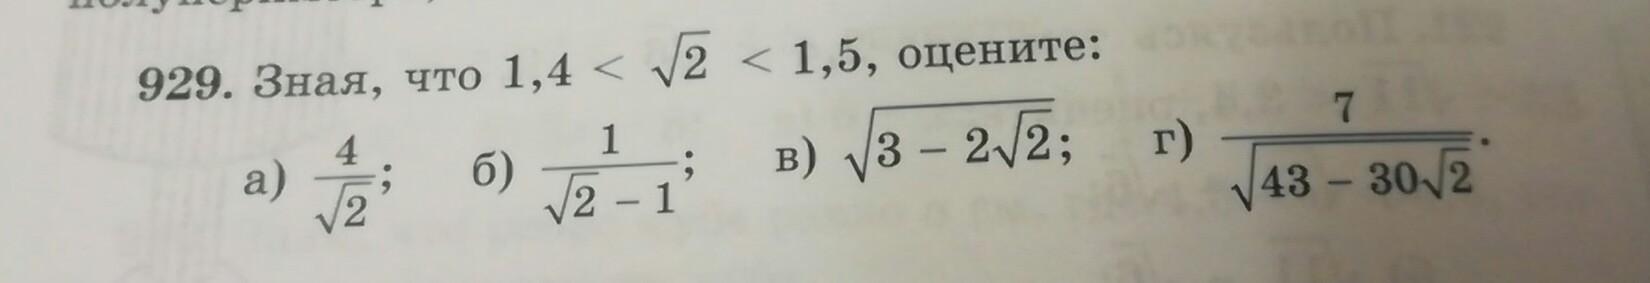 Помогите пж под Б! Прошу!